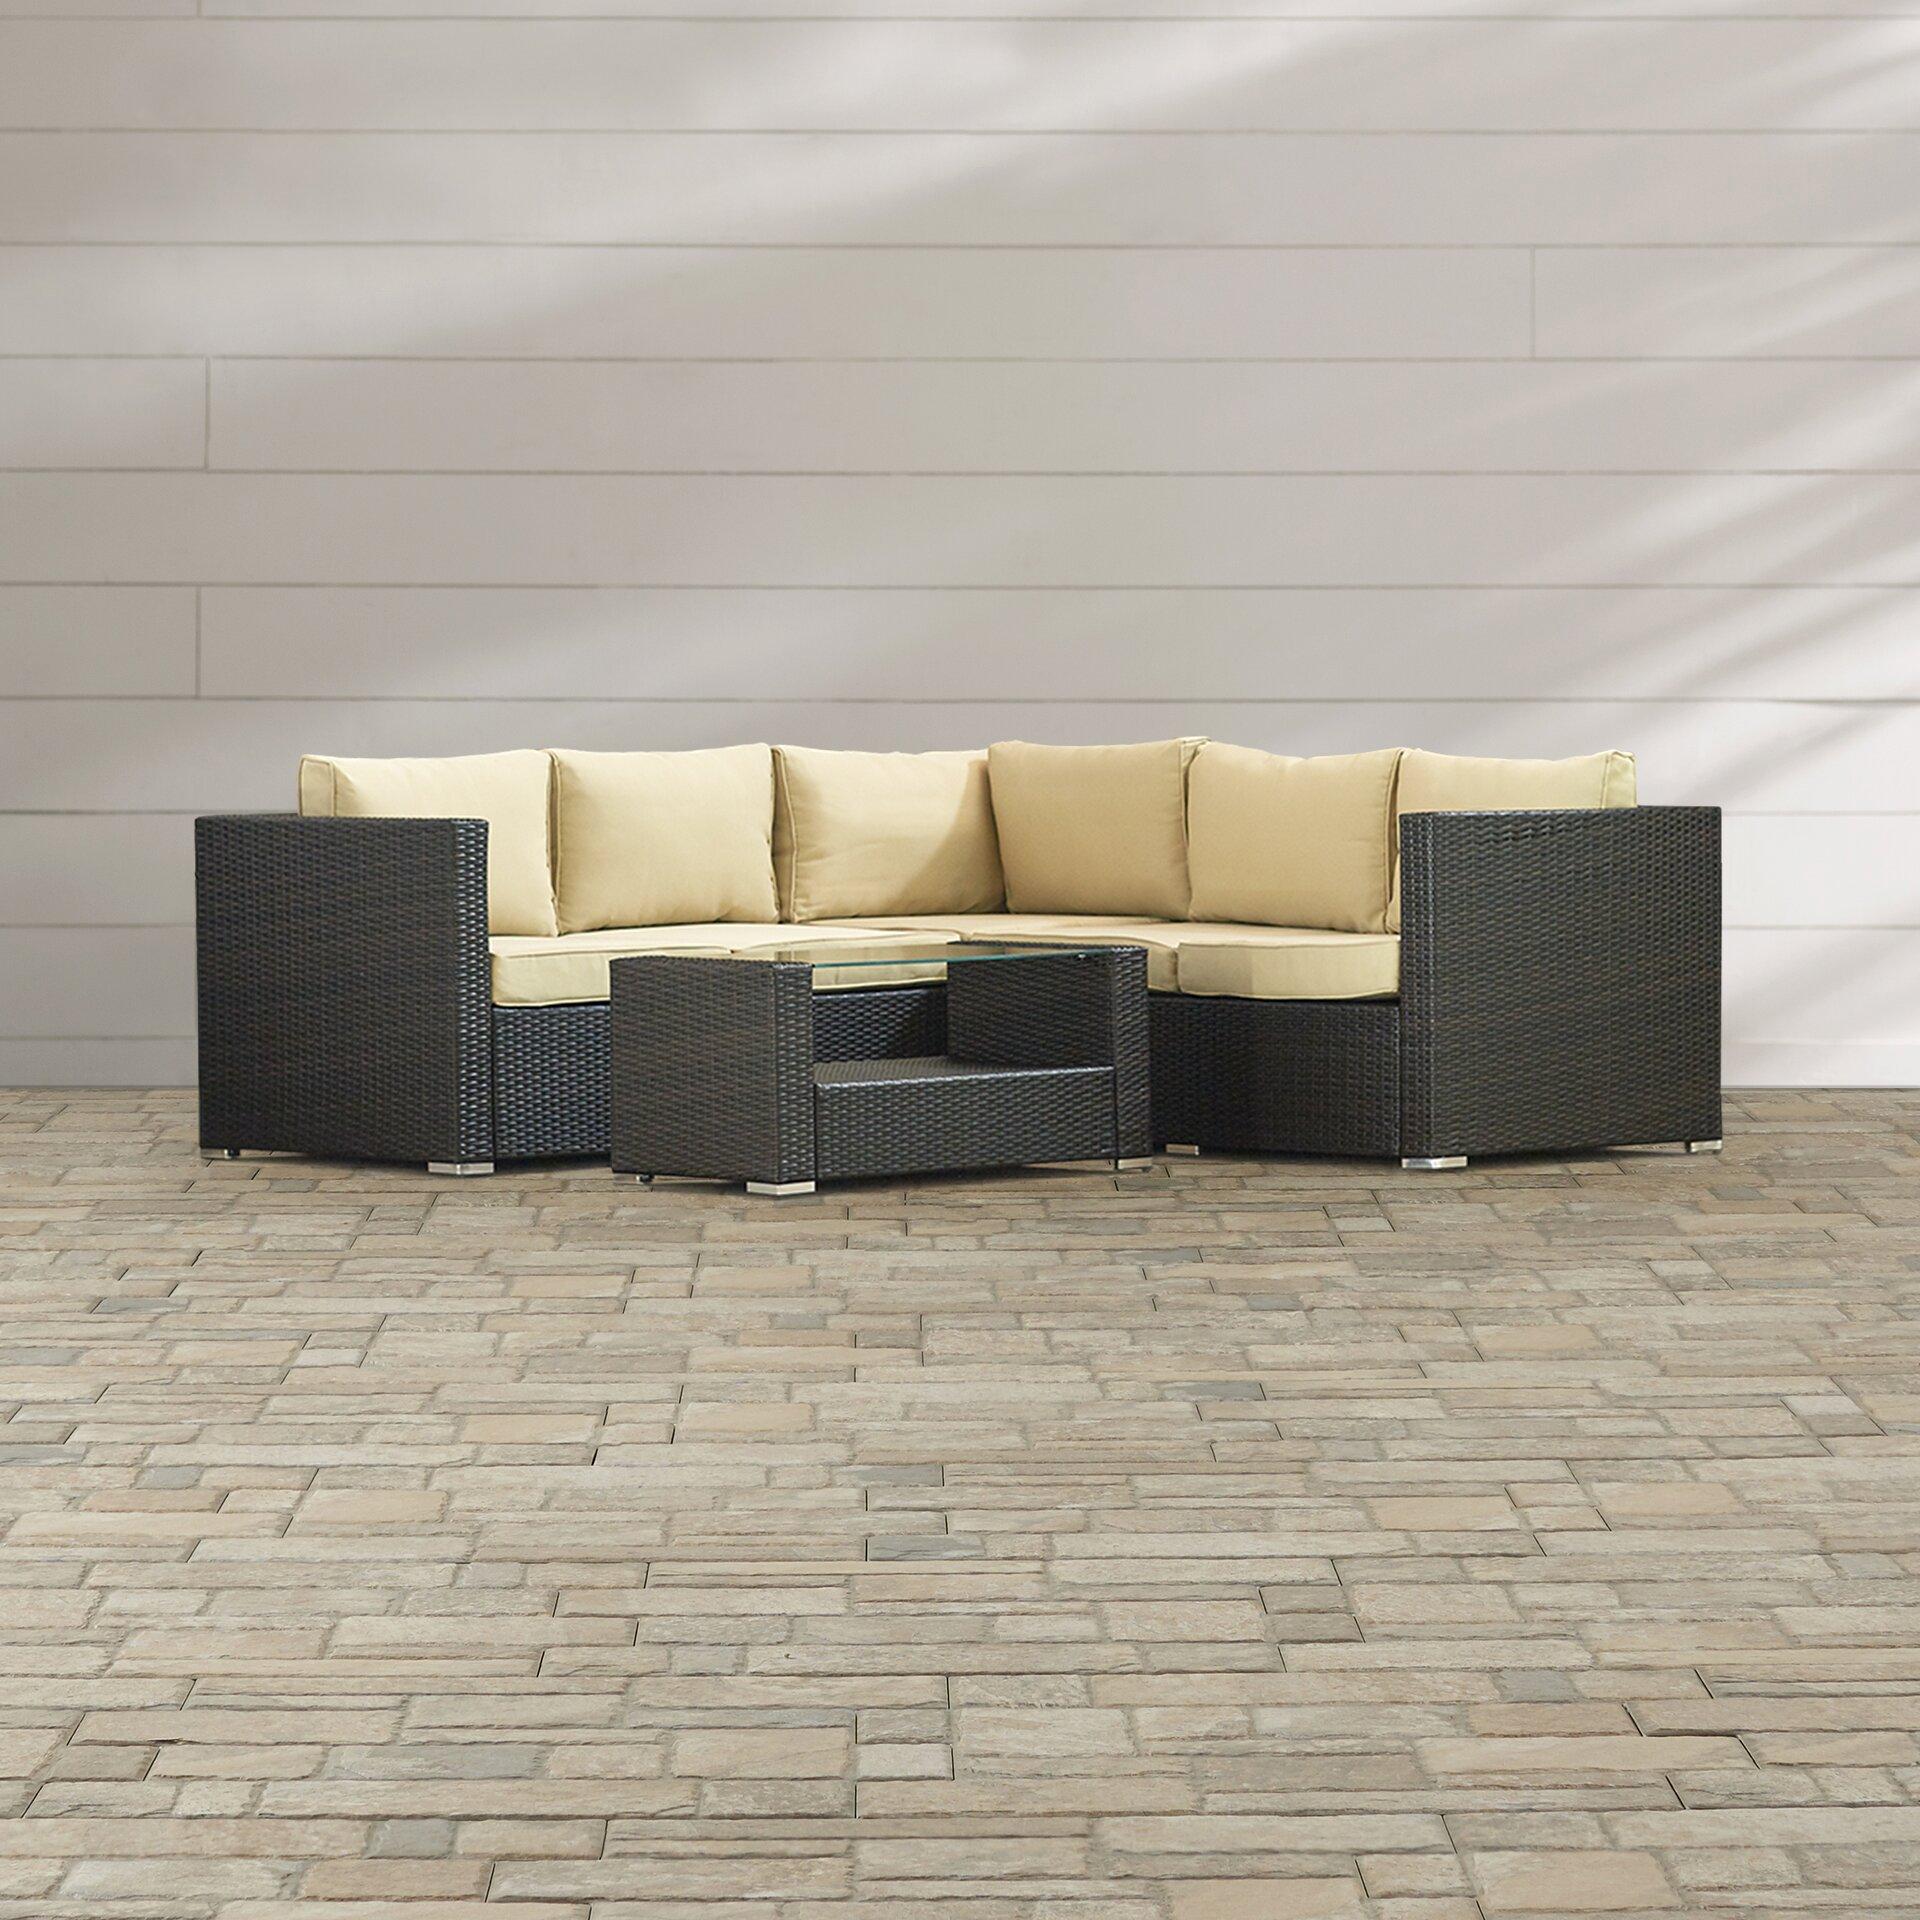 Brayden Studio Keesler 4 Piece Sectional Seating Group